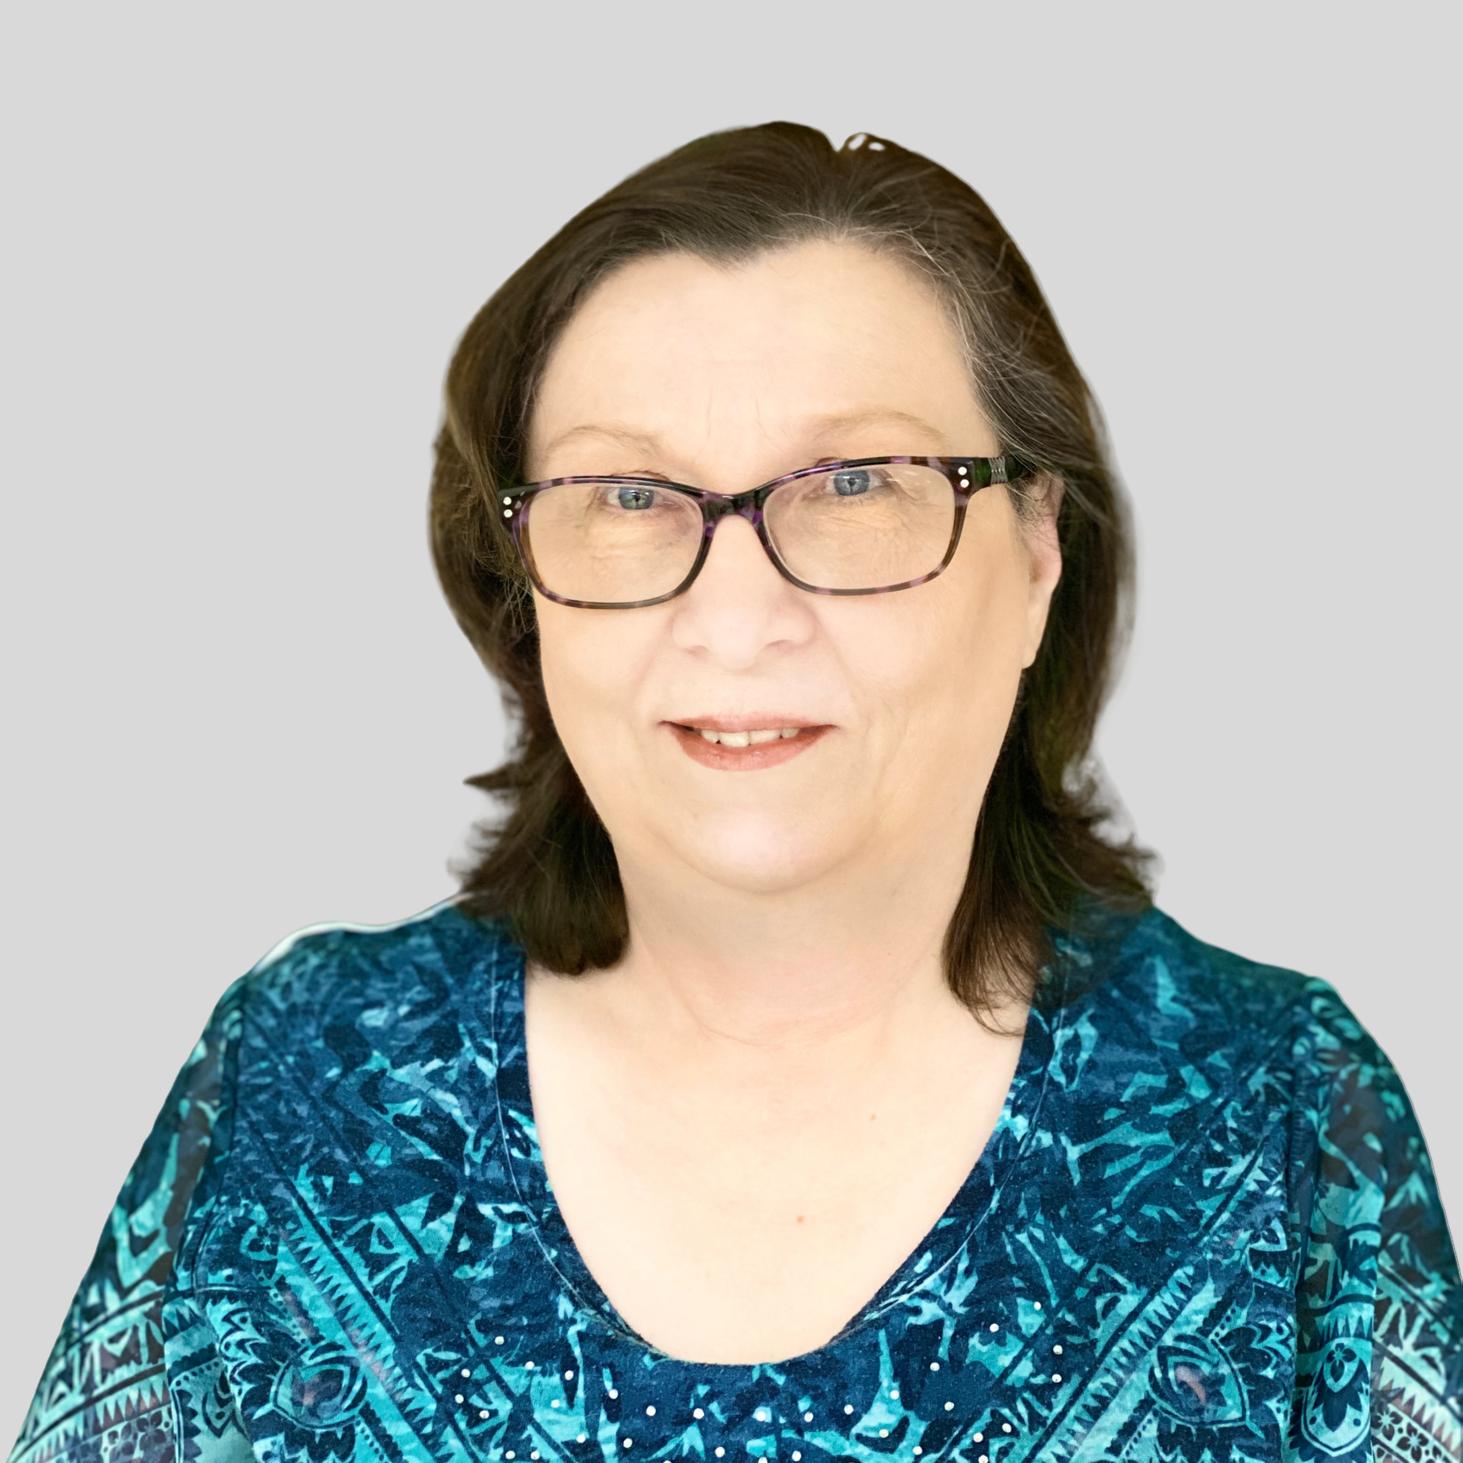 Renita Collier's Profile Photo